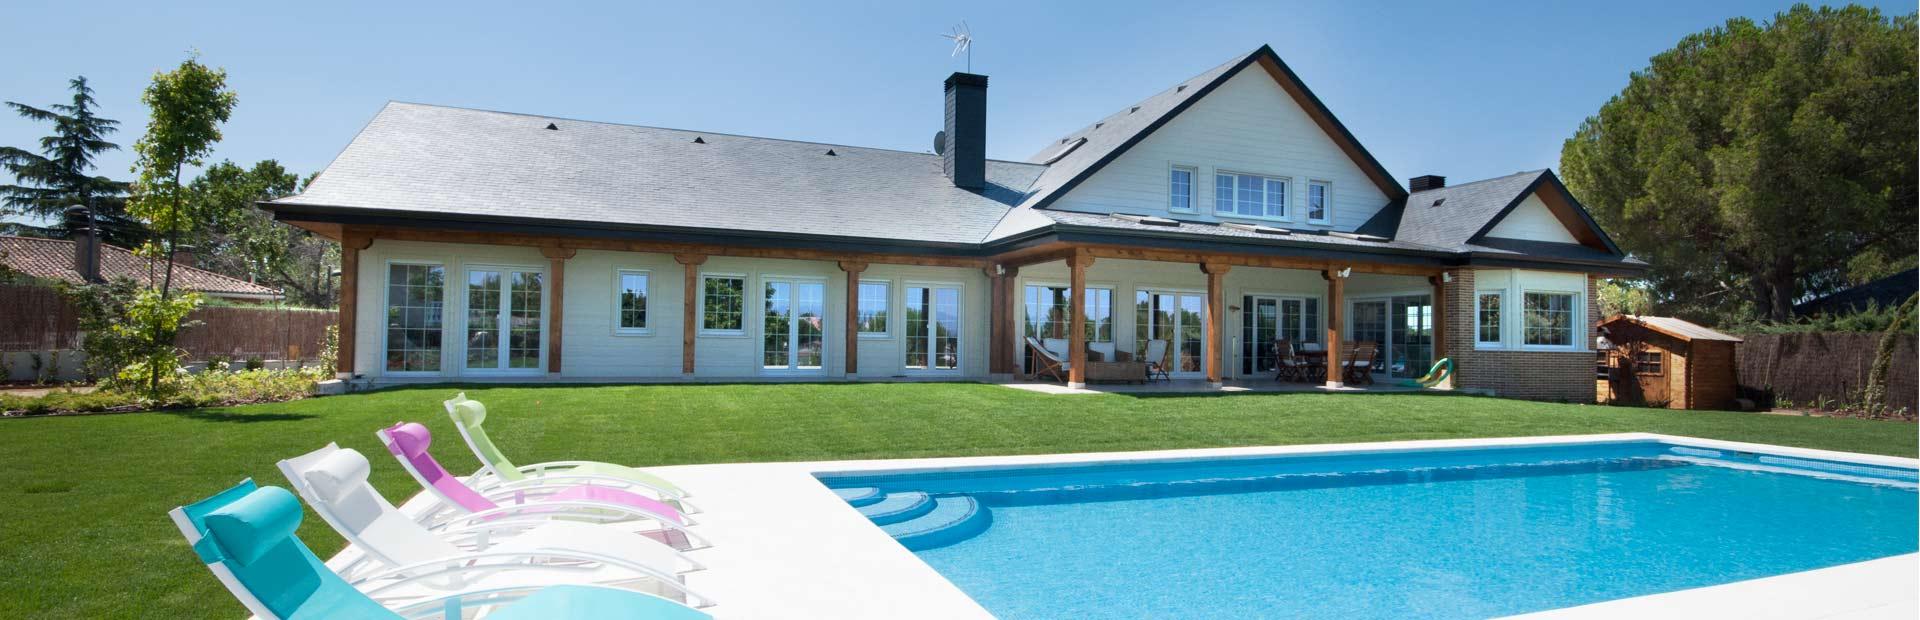 casa americana con piscina